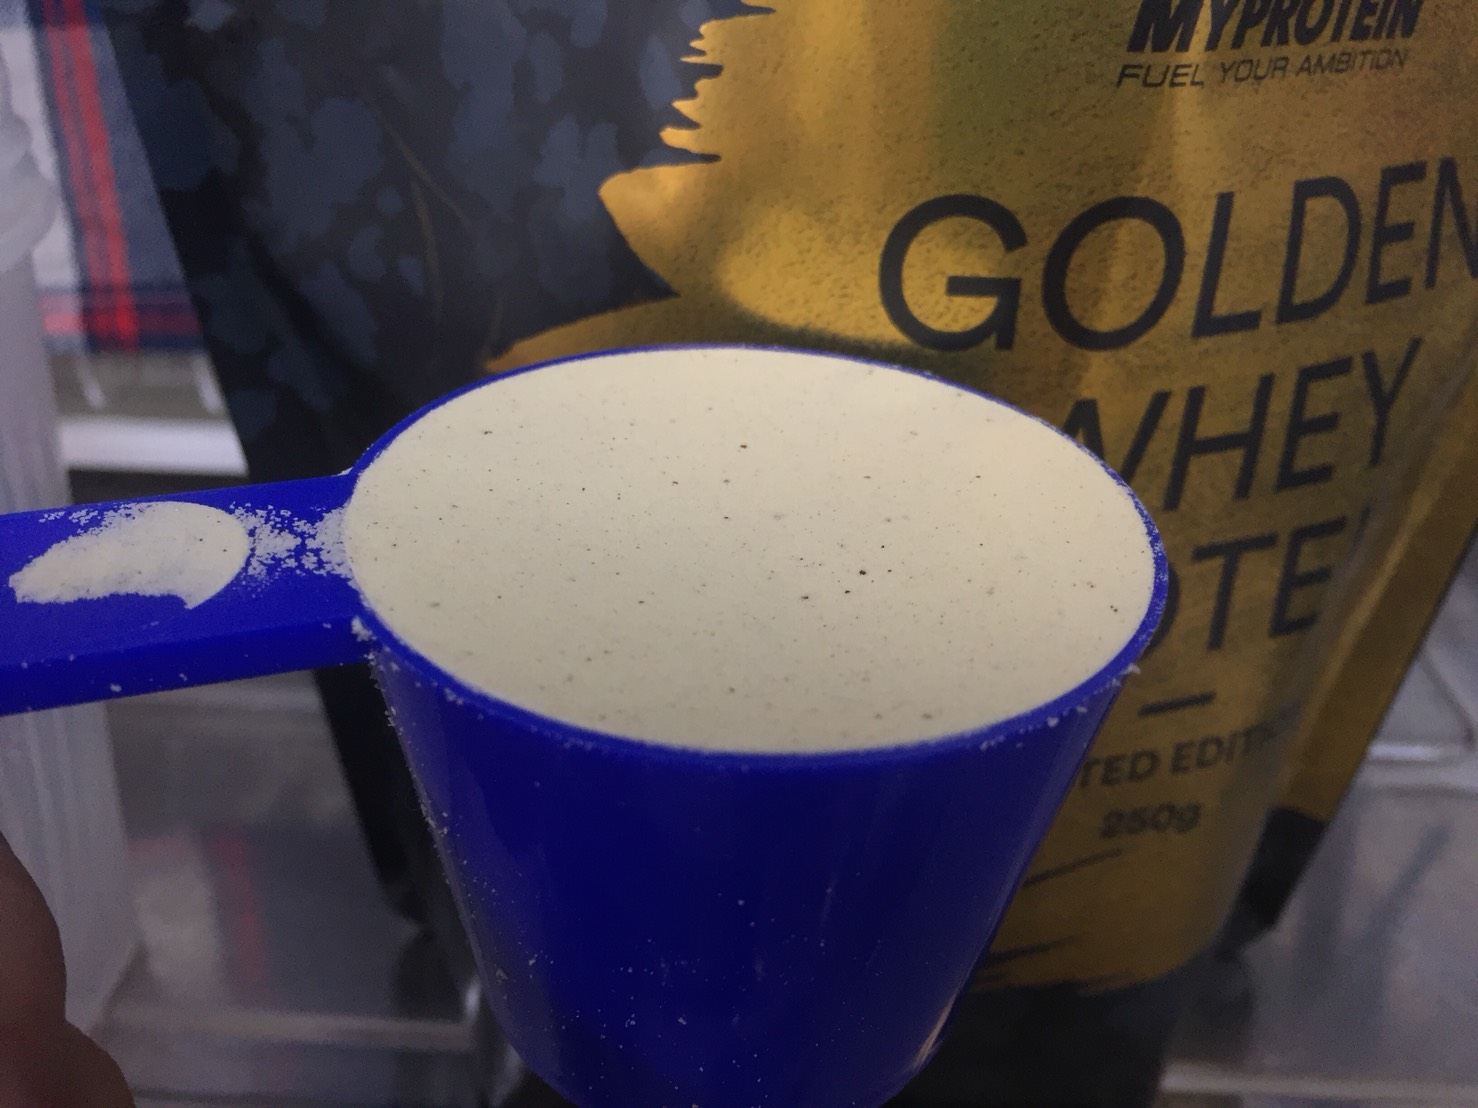 ゴールデンホエイプロテインの粉末の様子